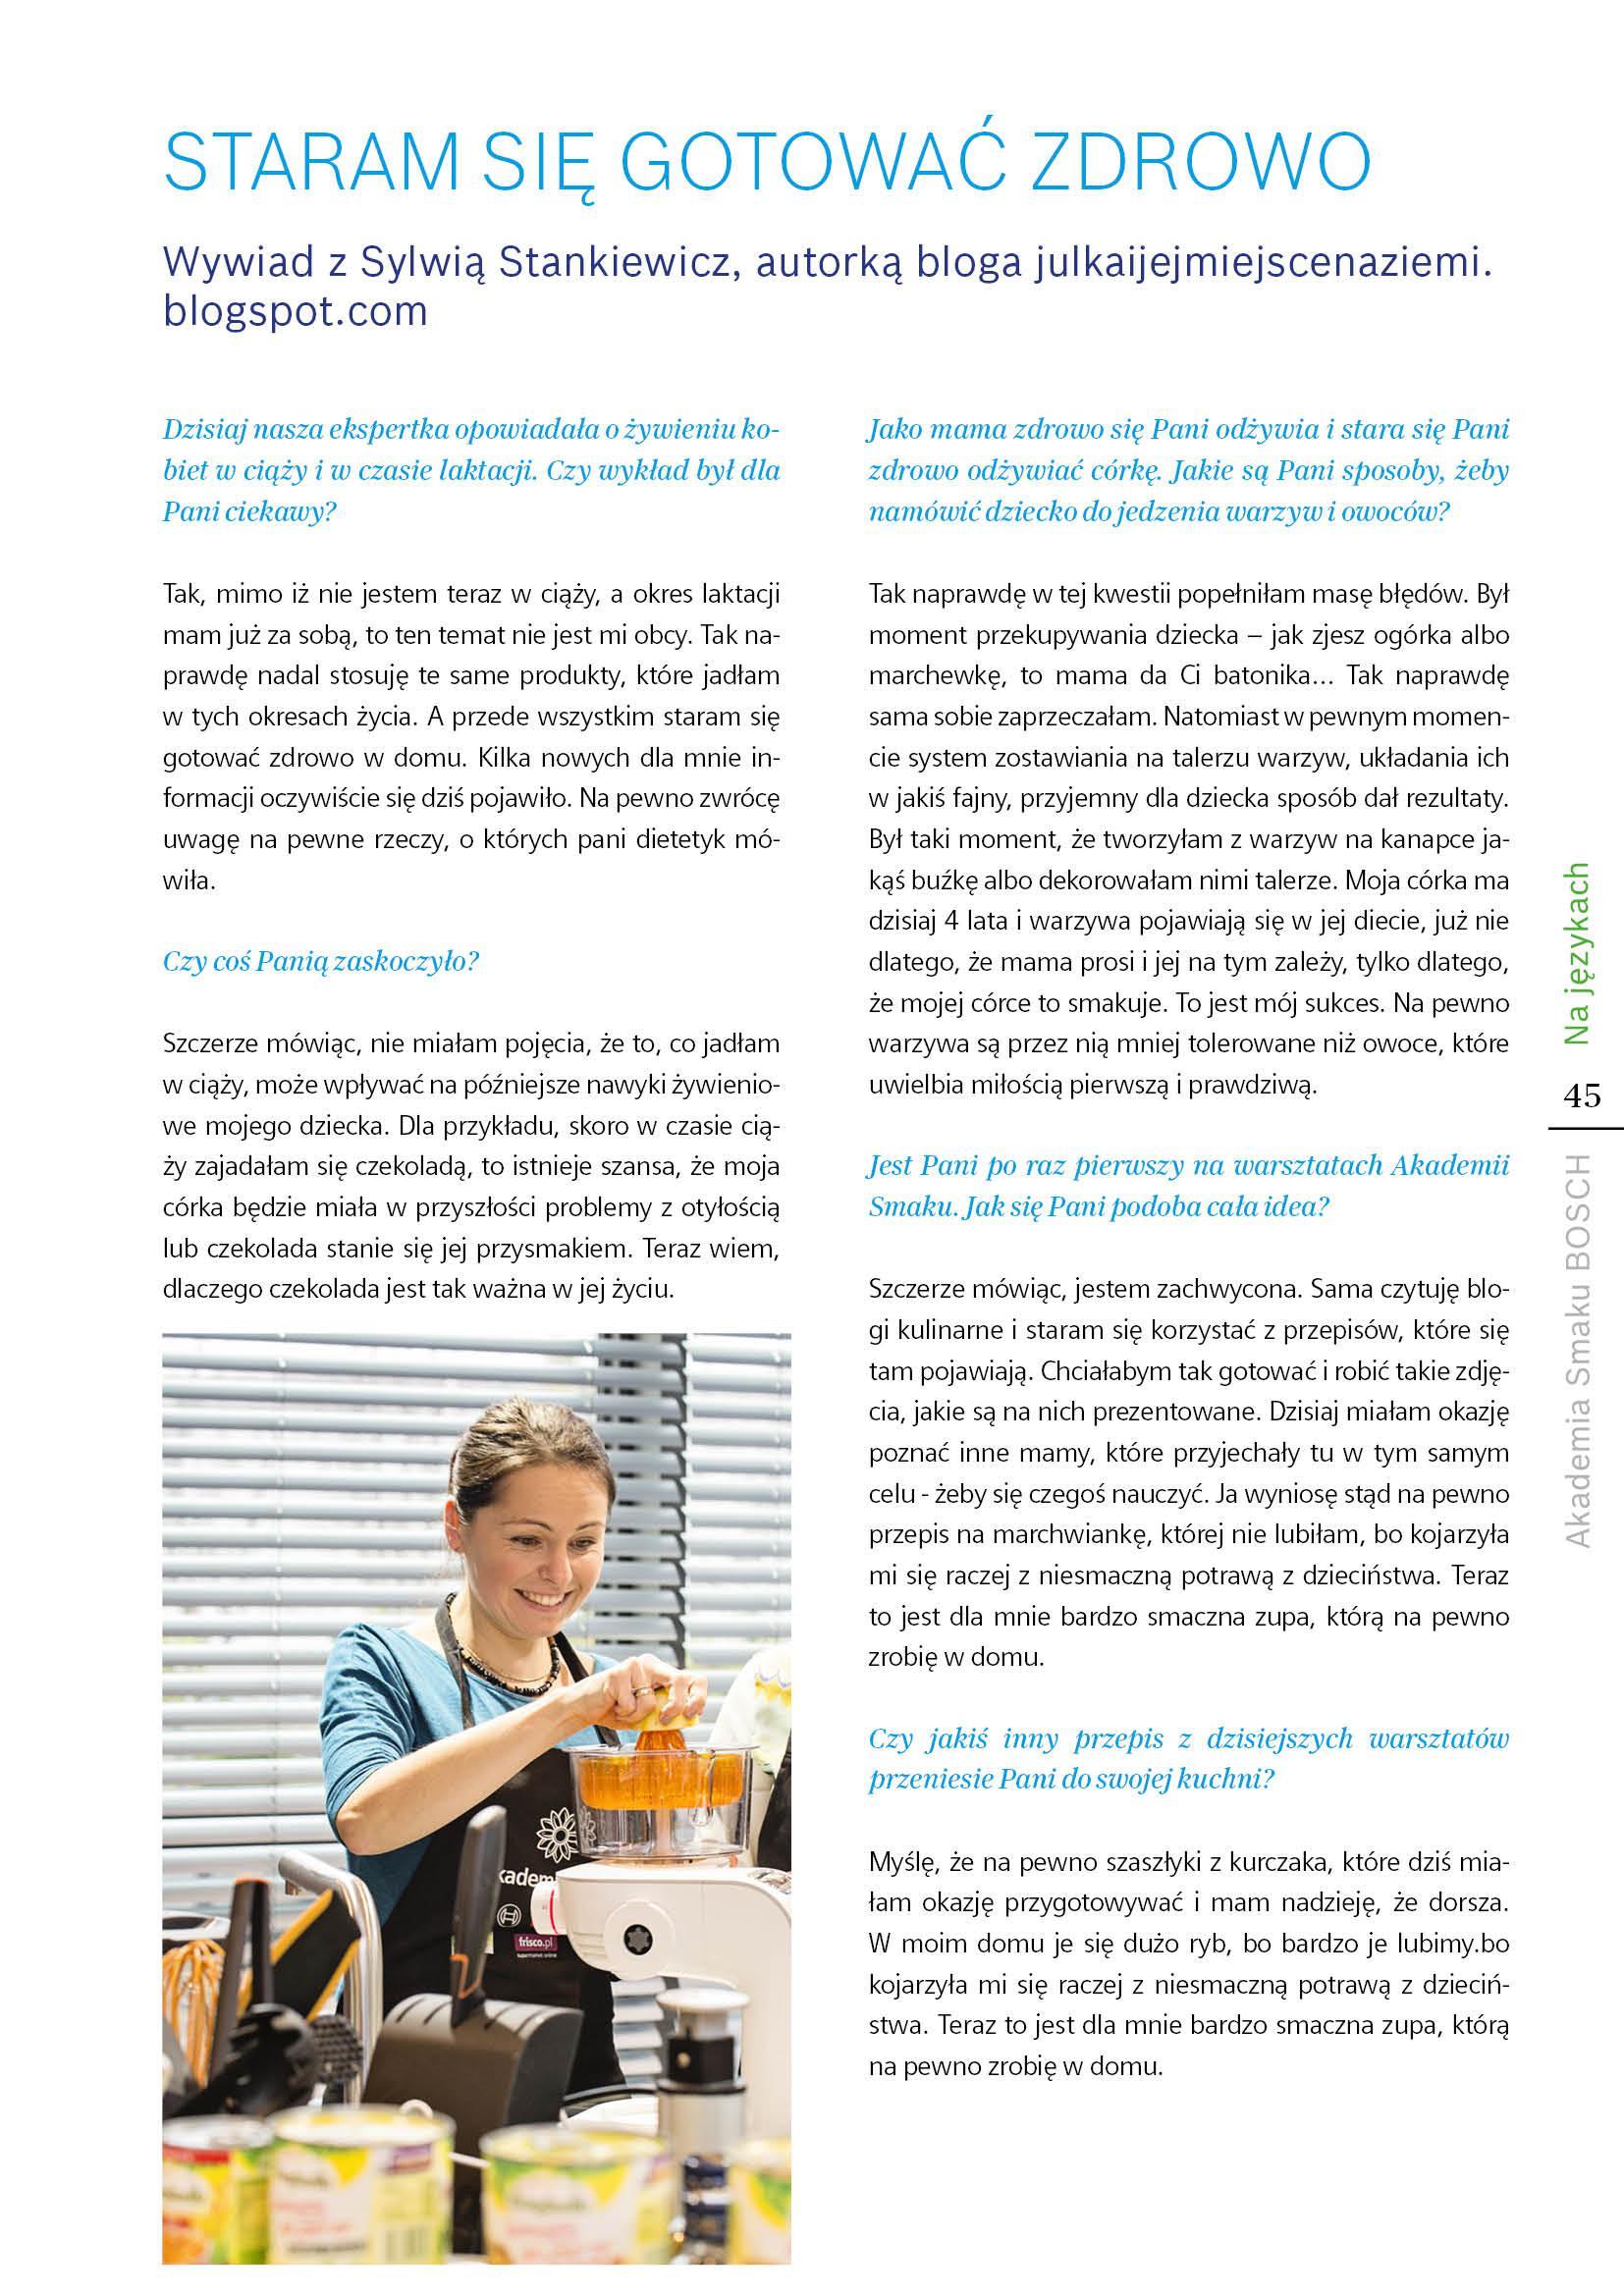 Jedz zdrowo! Przyszła mama w kuchni - Strona 45